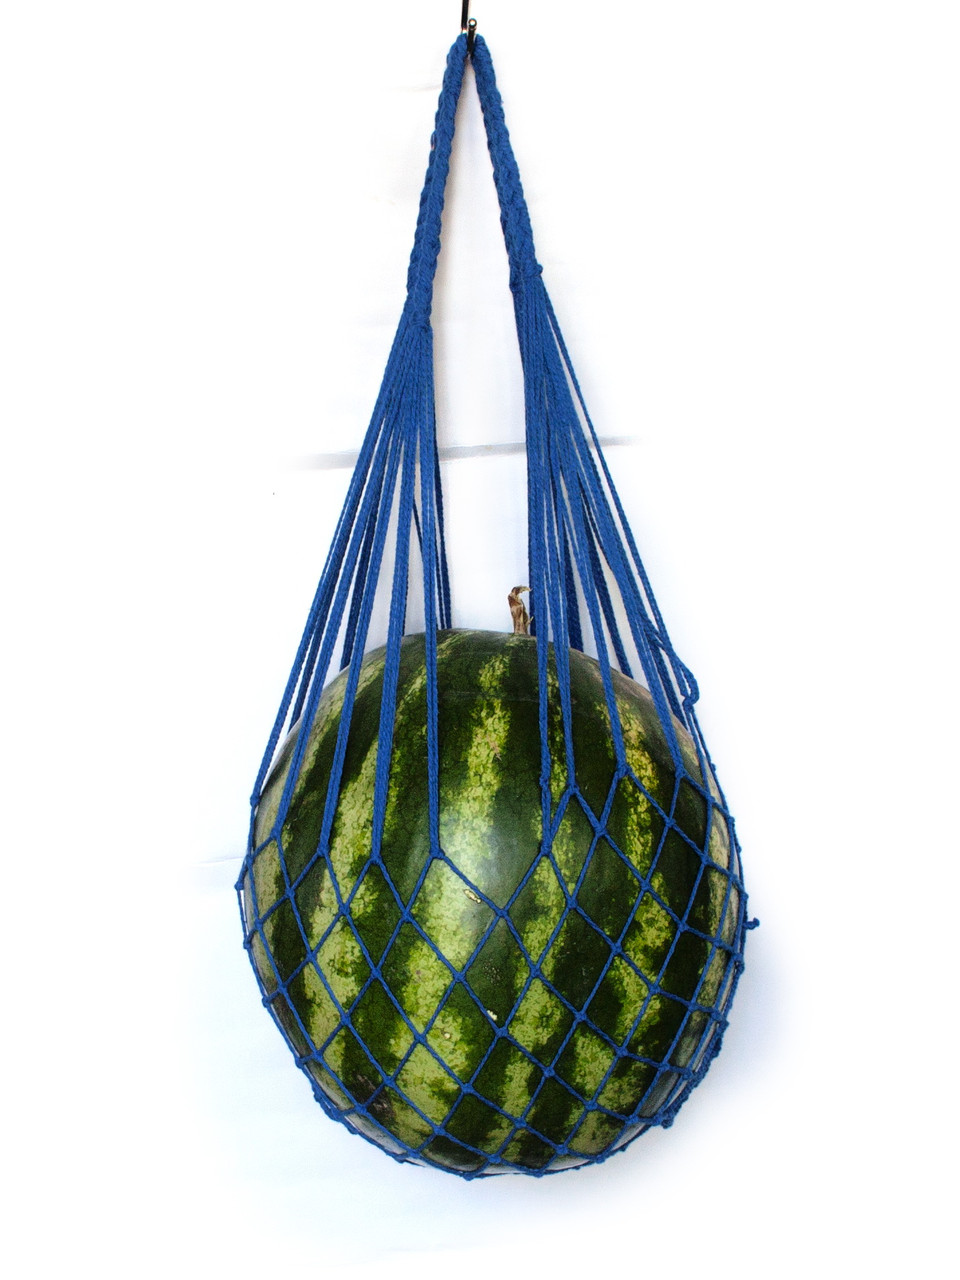 Мини сумка -  Эксклюзивная сумка - Авоська мини - Сумка на плечо